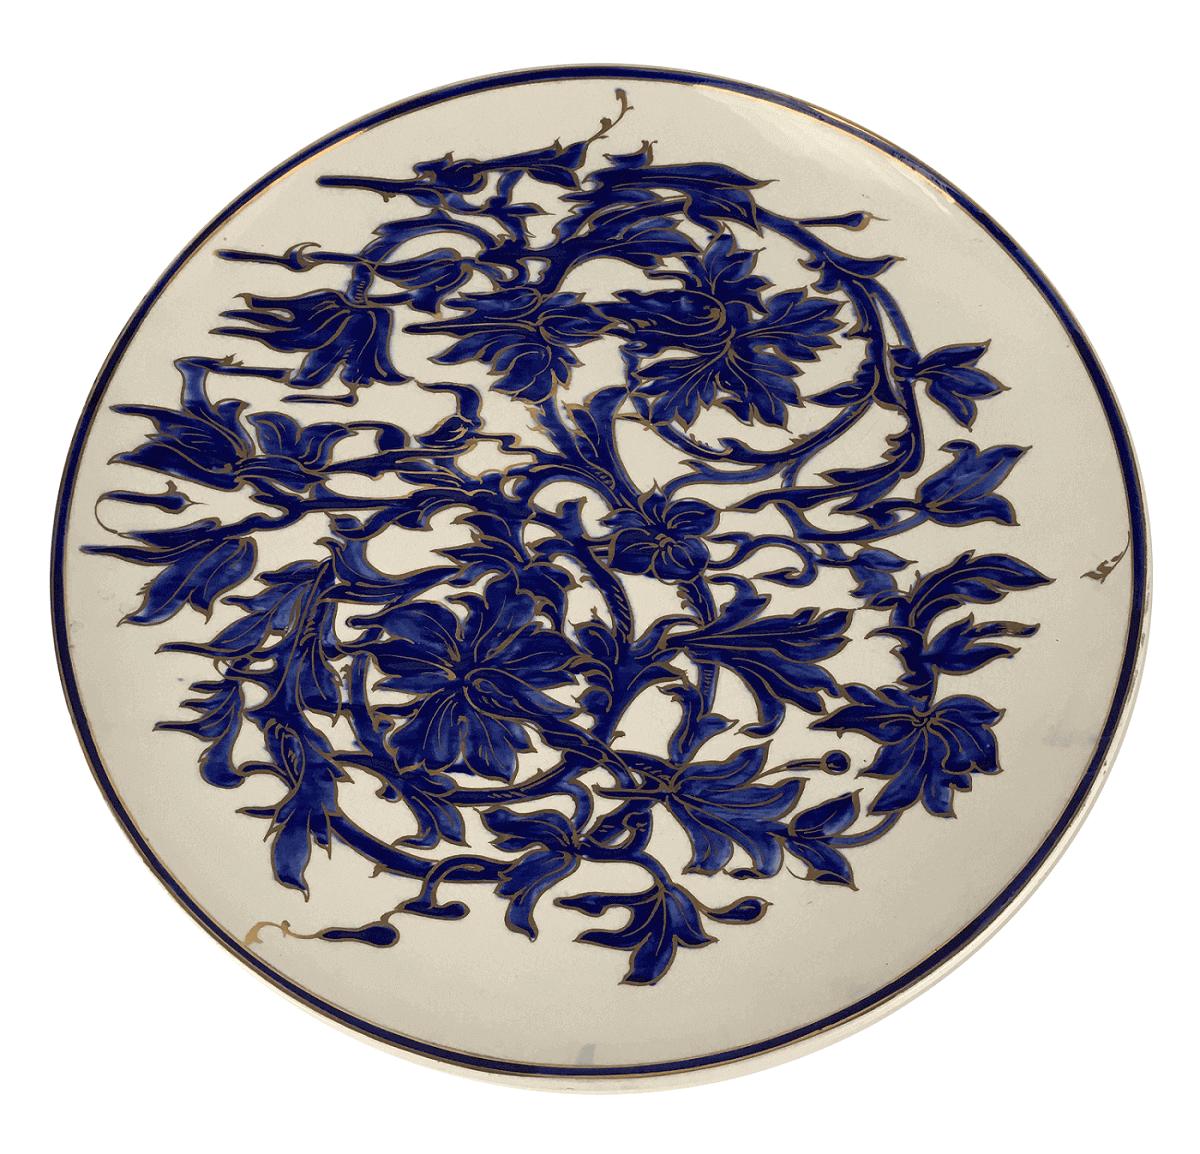 Grande Prato Antigo Fruteira Ceramica Flores Azuis